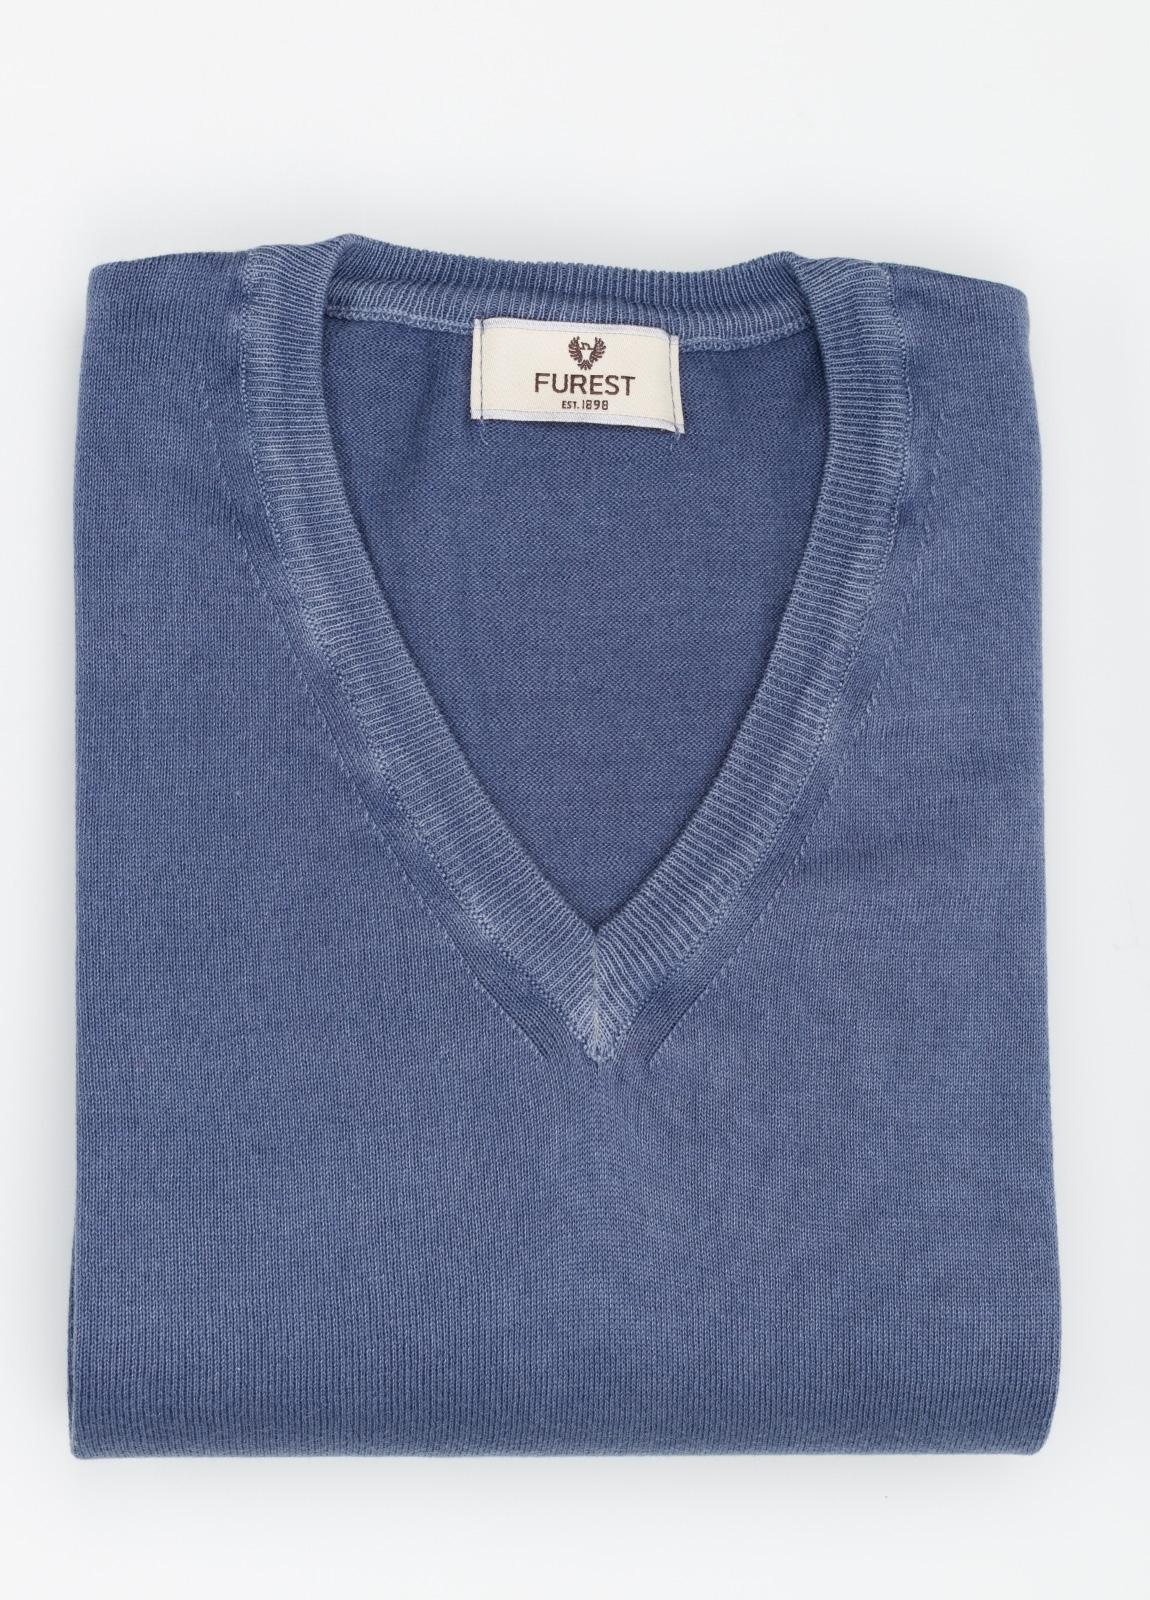 Jersey cuello pico color azul, 100% Algodón.